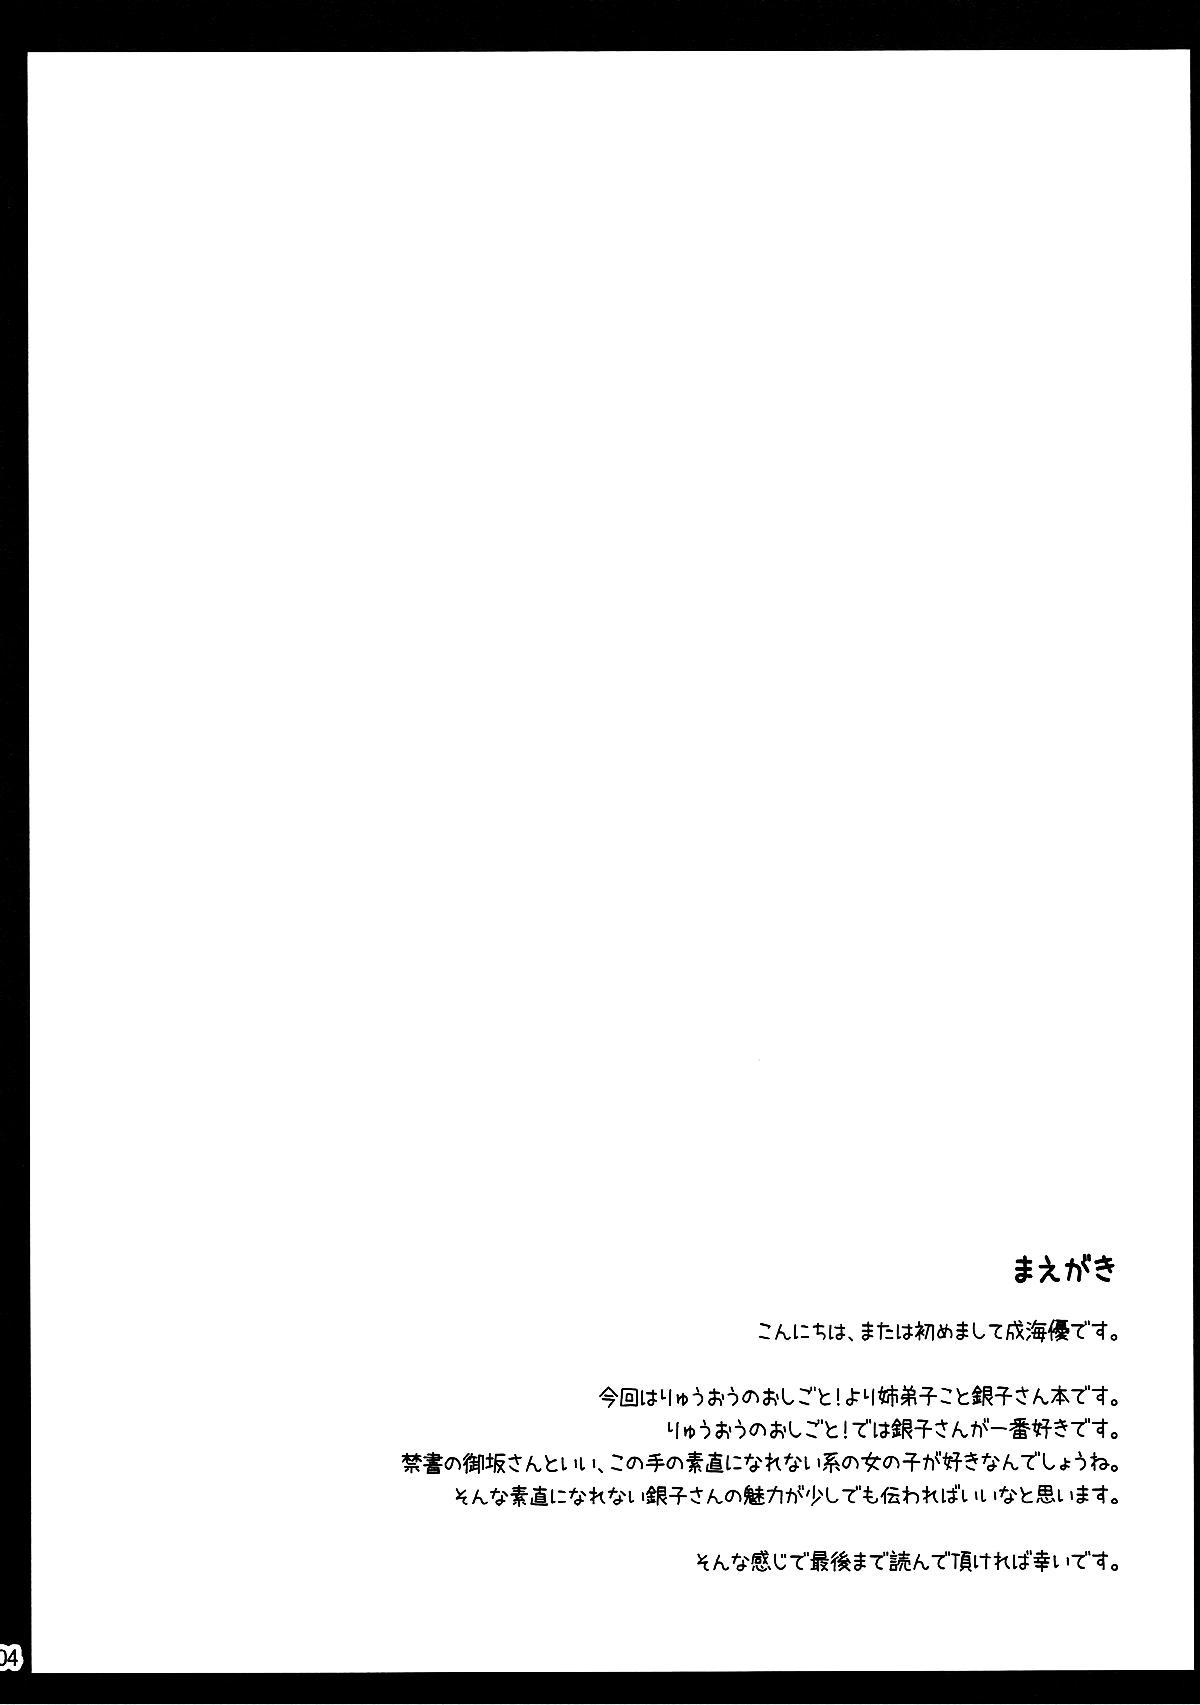 Anedeshi Sonna ni Akai Kao Shite Doushitan desu? 4